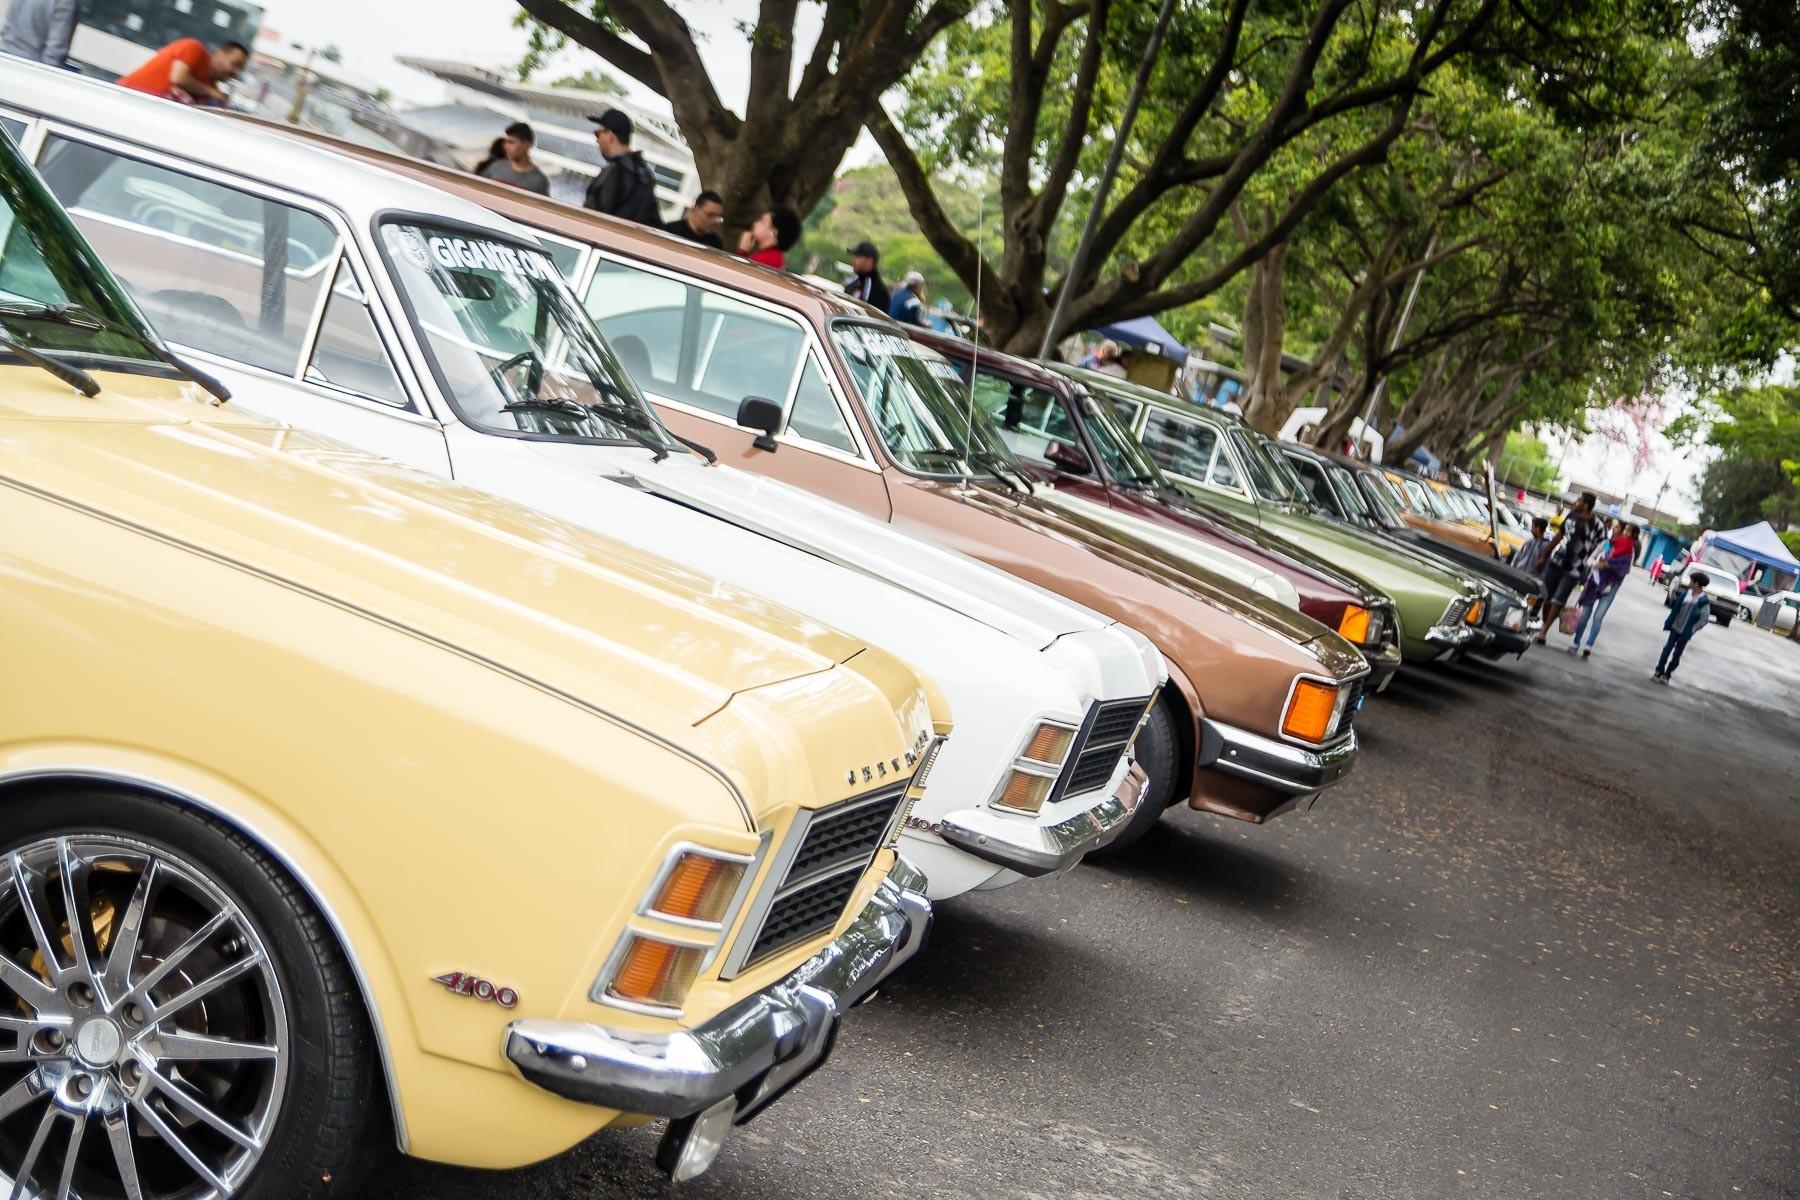 Opalas em desfile (Foto: Divulgação/Andre Lemes)